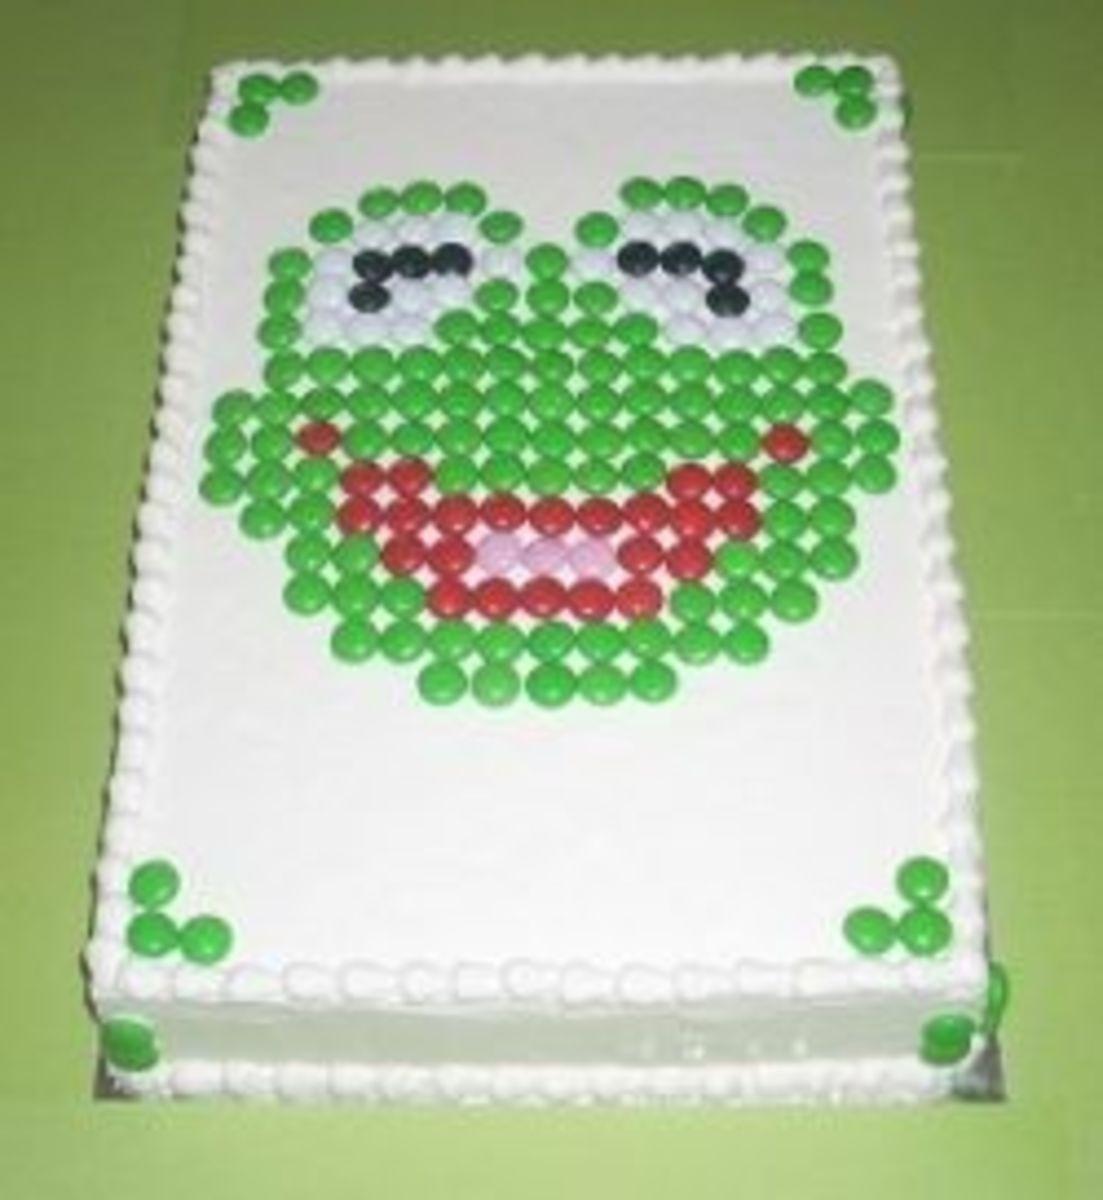 M&M Kermit Muppet Cake